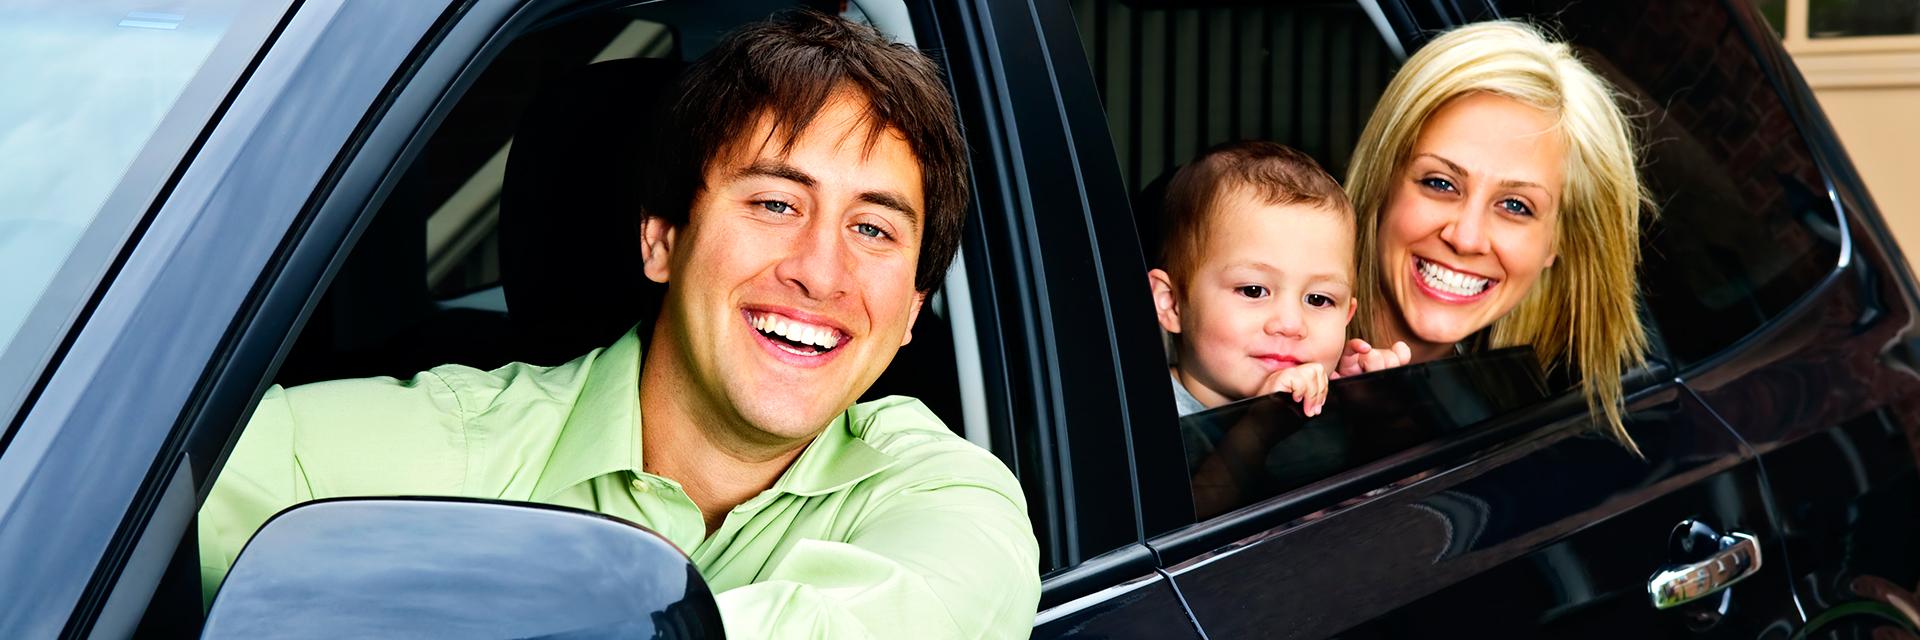 Huolenpitosopimus on järkevä tapa huolehtia autostasi.